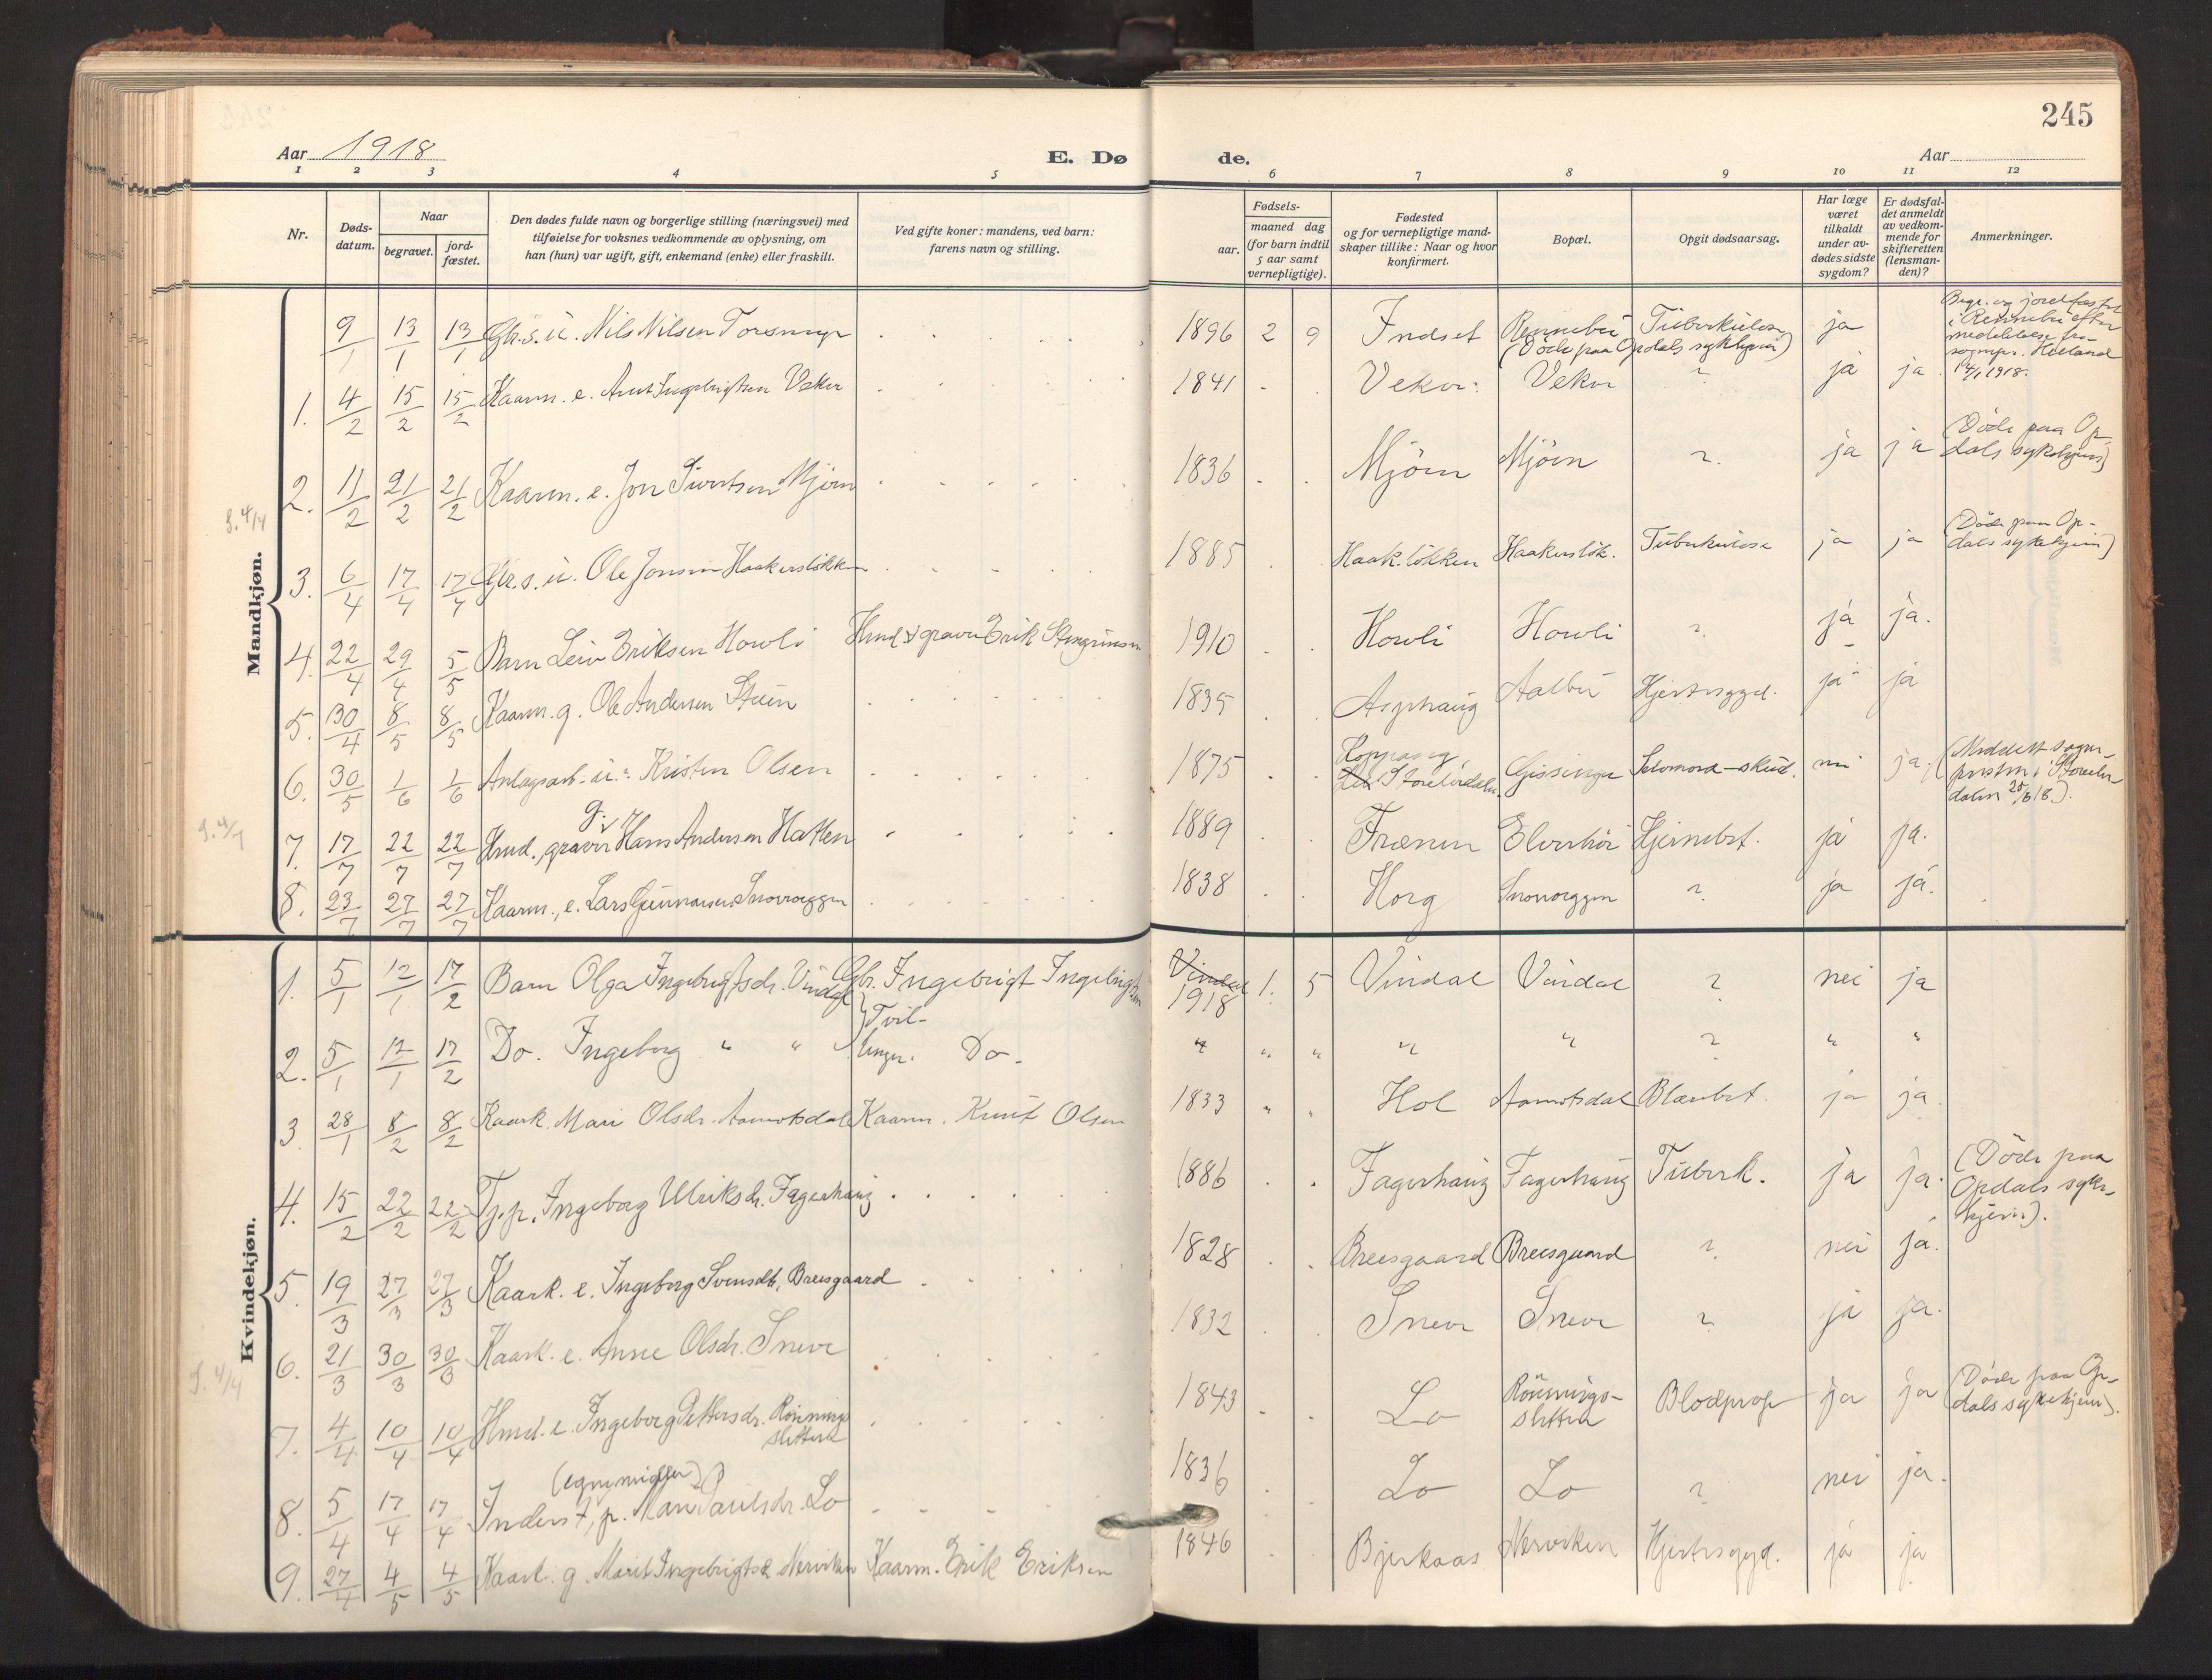 SAT, Ministerialprotokoller, klokkerbøker og fødselsregistre - Sør-Trøndelag, 678/L0909: Ministerialbok nr. 678A17, 1912-1930, s. 245